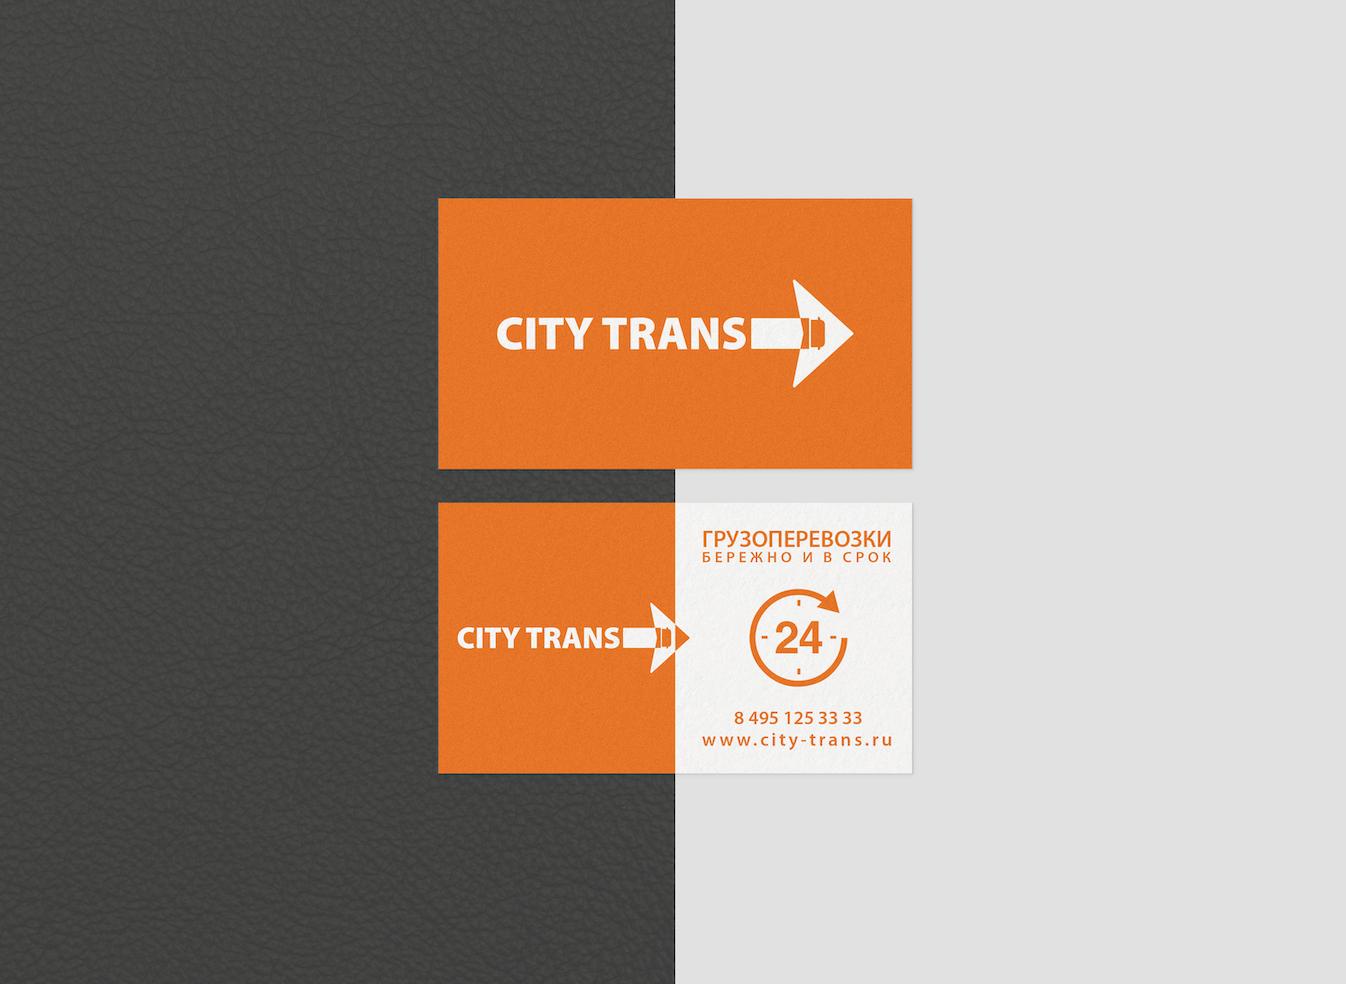 Разработка Логотипа транспортной компании фото f_9575e6f5c8588be3.png